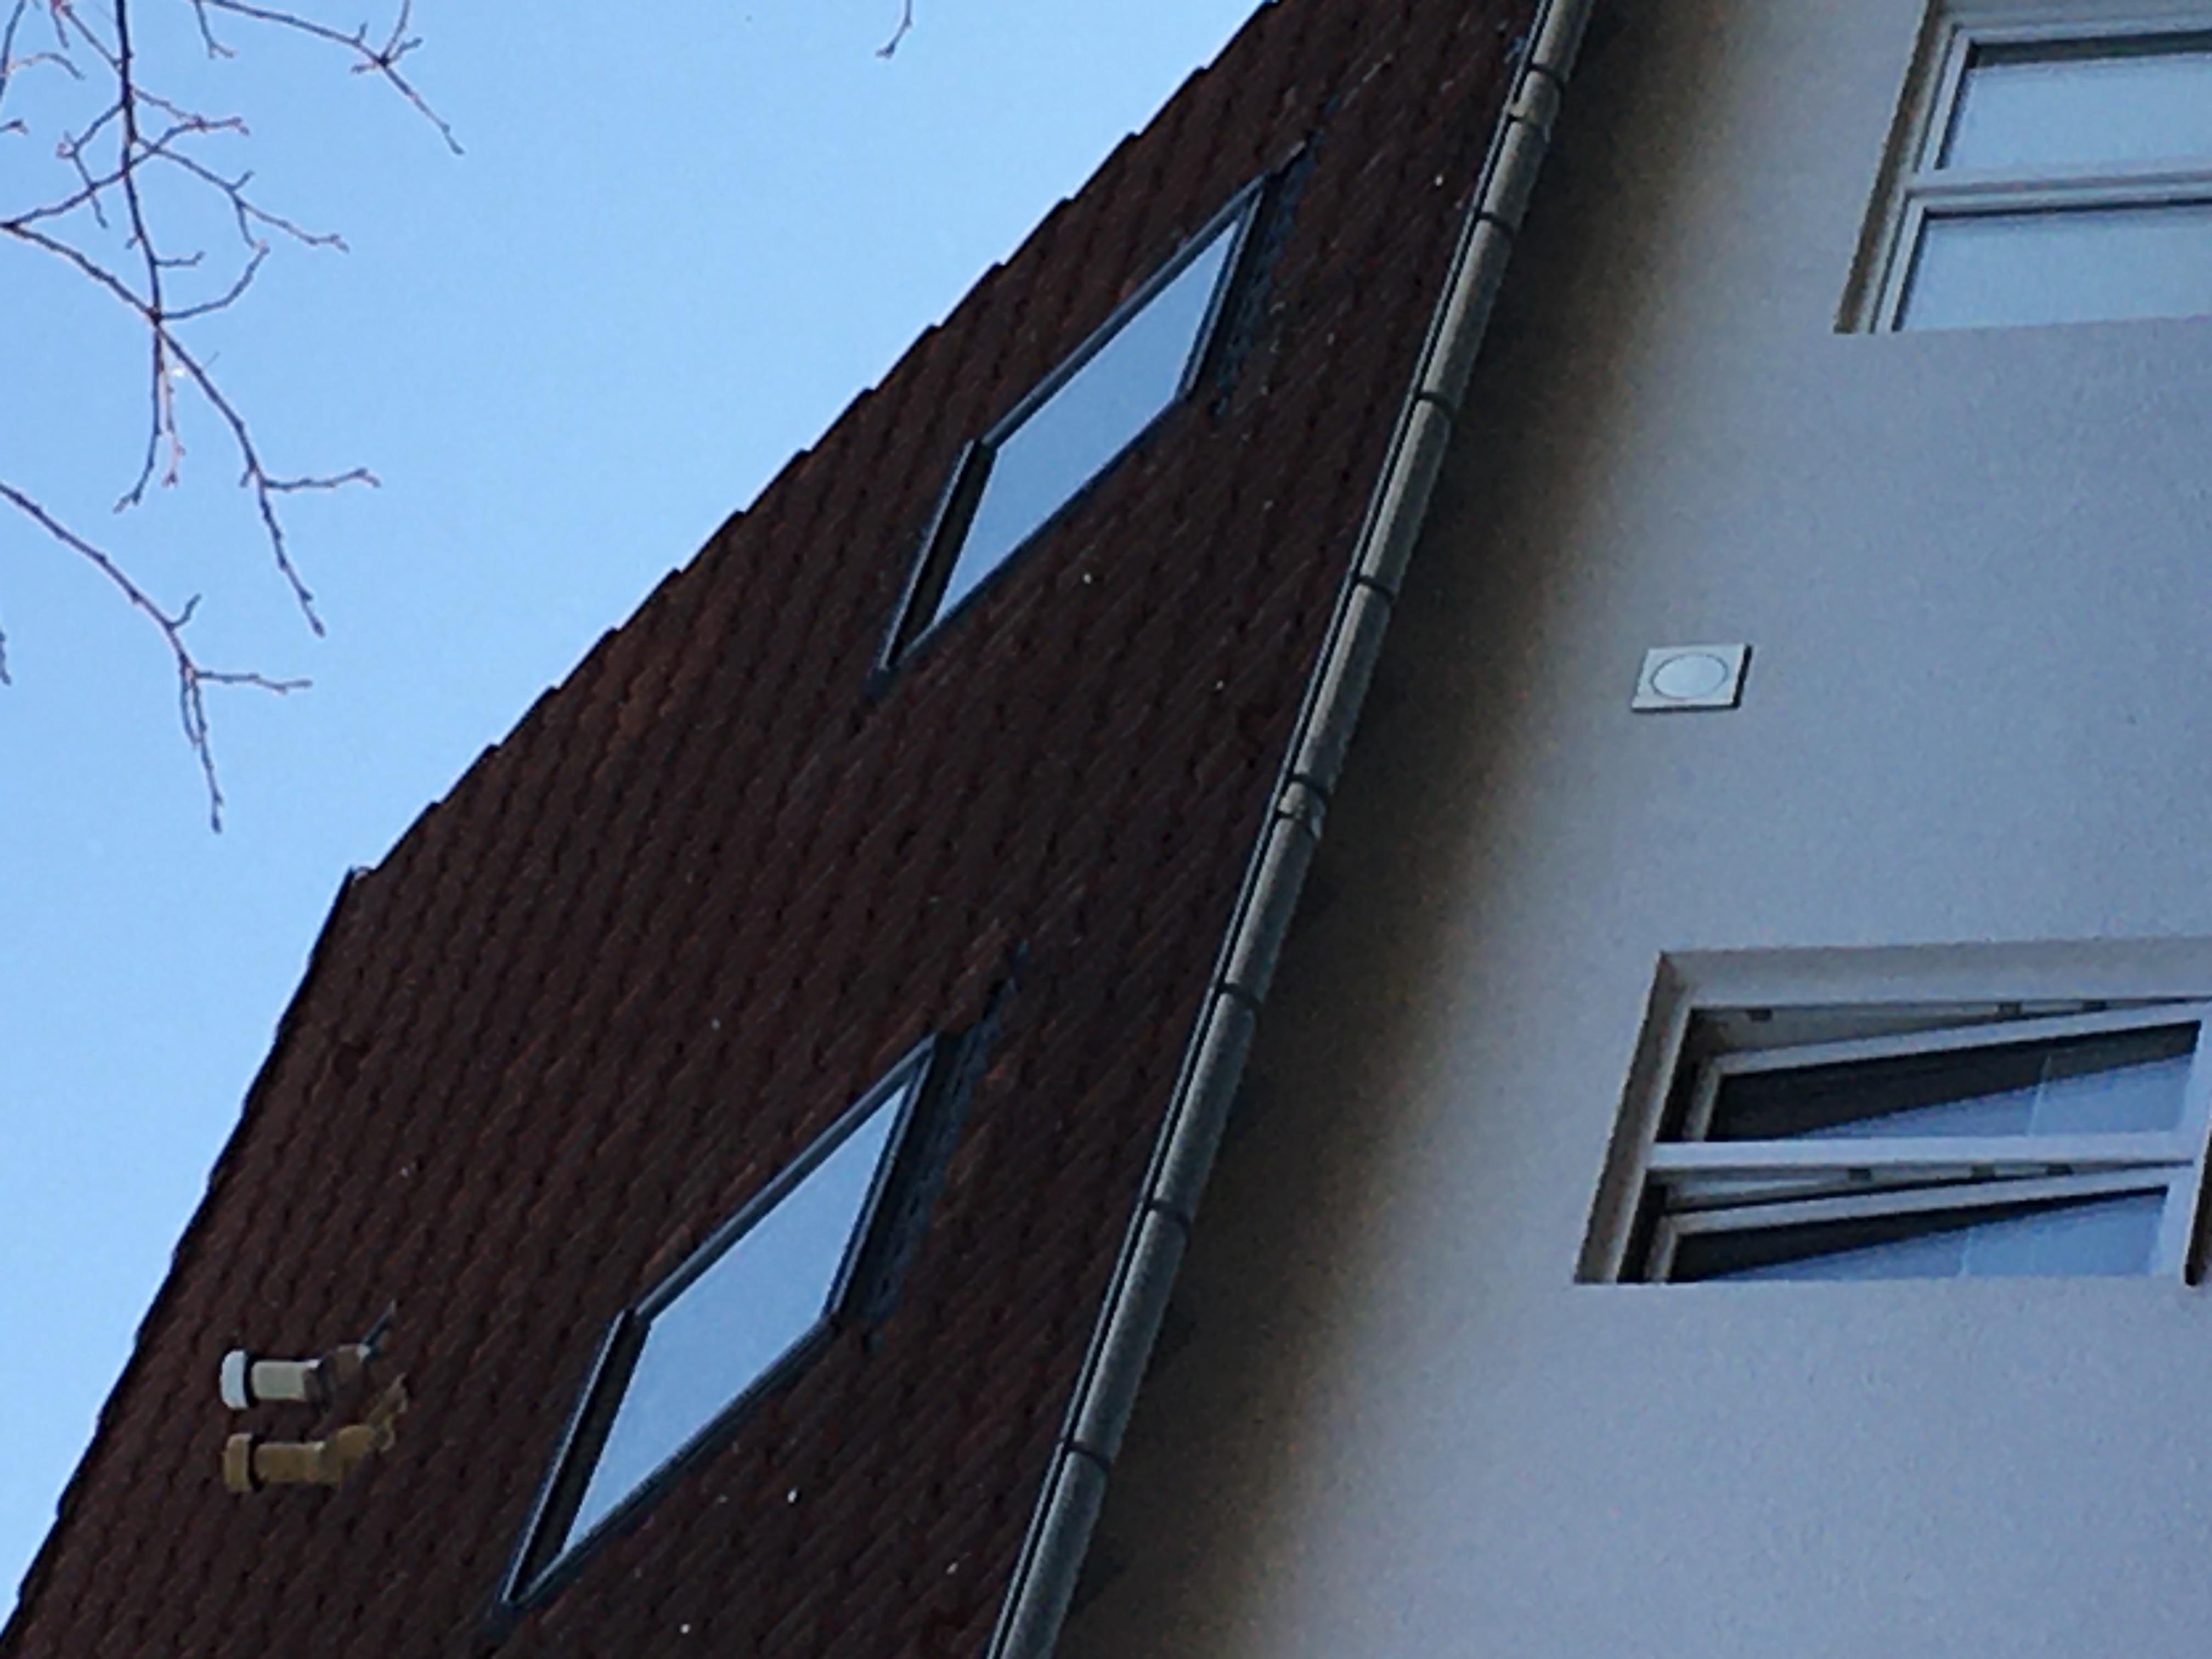 Veluxfenster mit Sparrenauswechselung